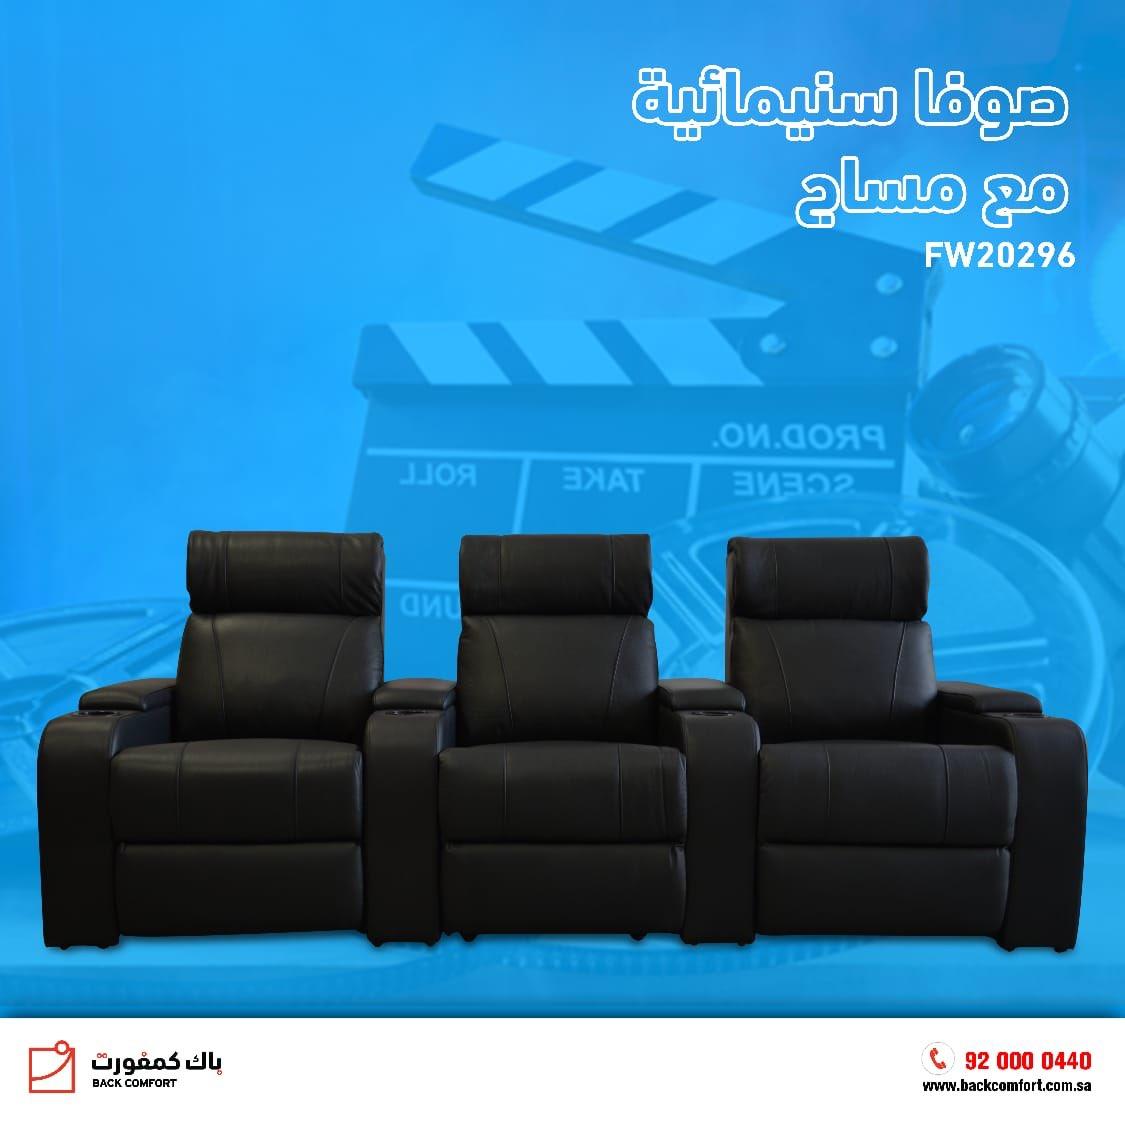 جلسة سينمائية مريحة مع مساج خفيف  #باك_كمفورت